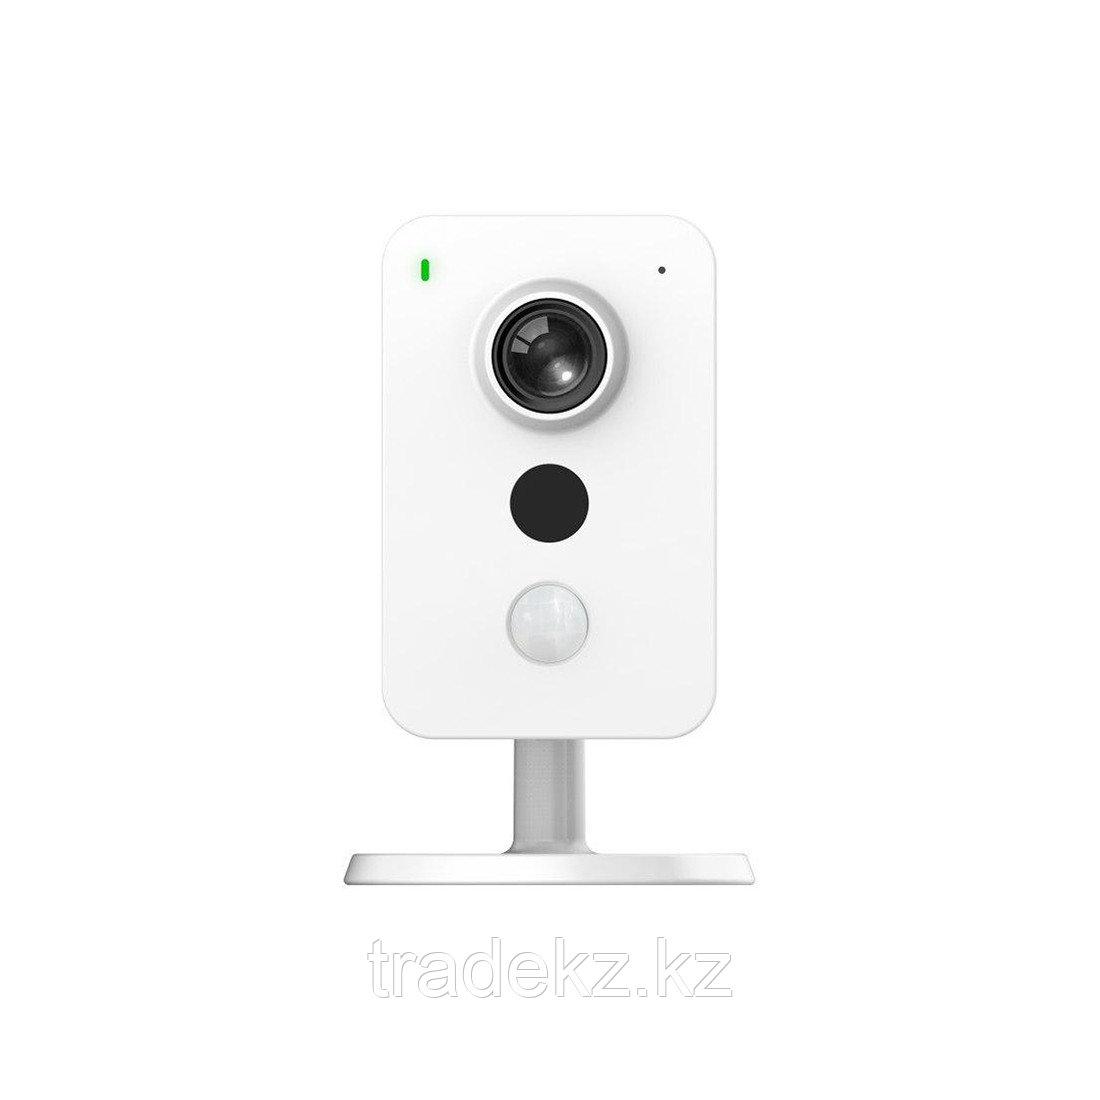 Интернет-камера, Wi-Fi видеокамера Imou IPC-K42A